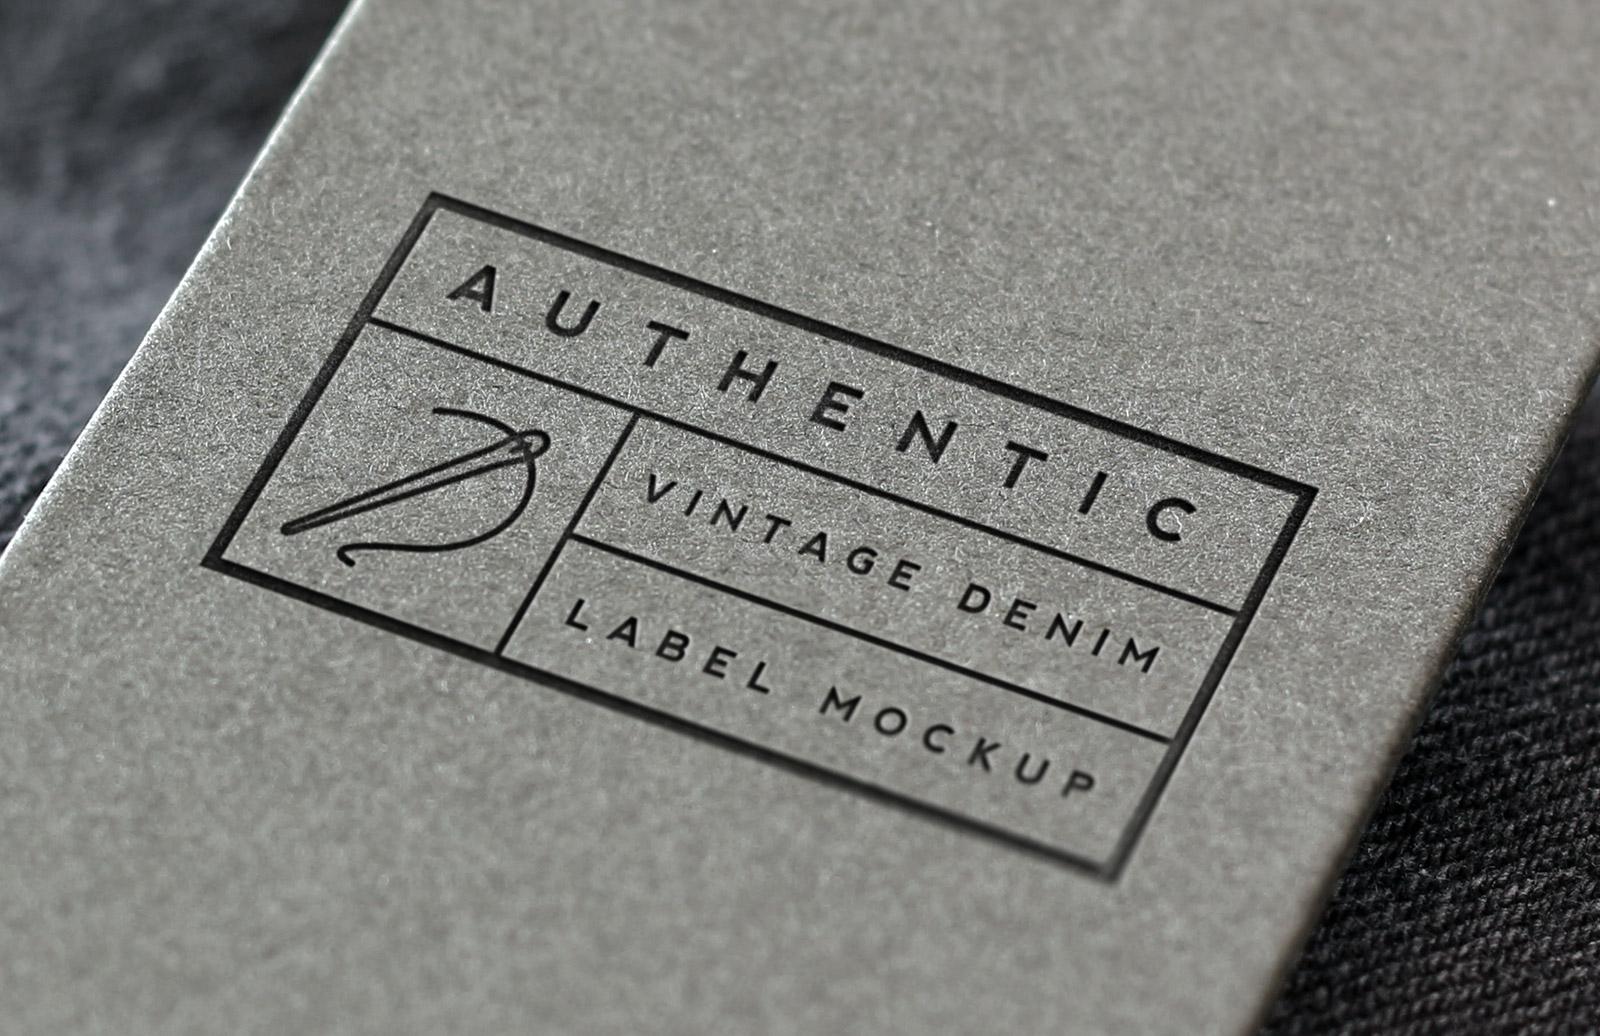 Vintage  Denim  Label  Logo  Mockup  Preview 1D